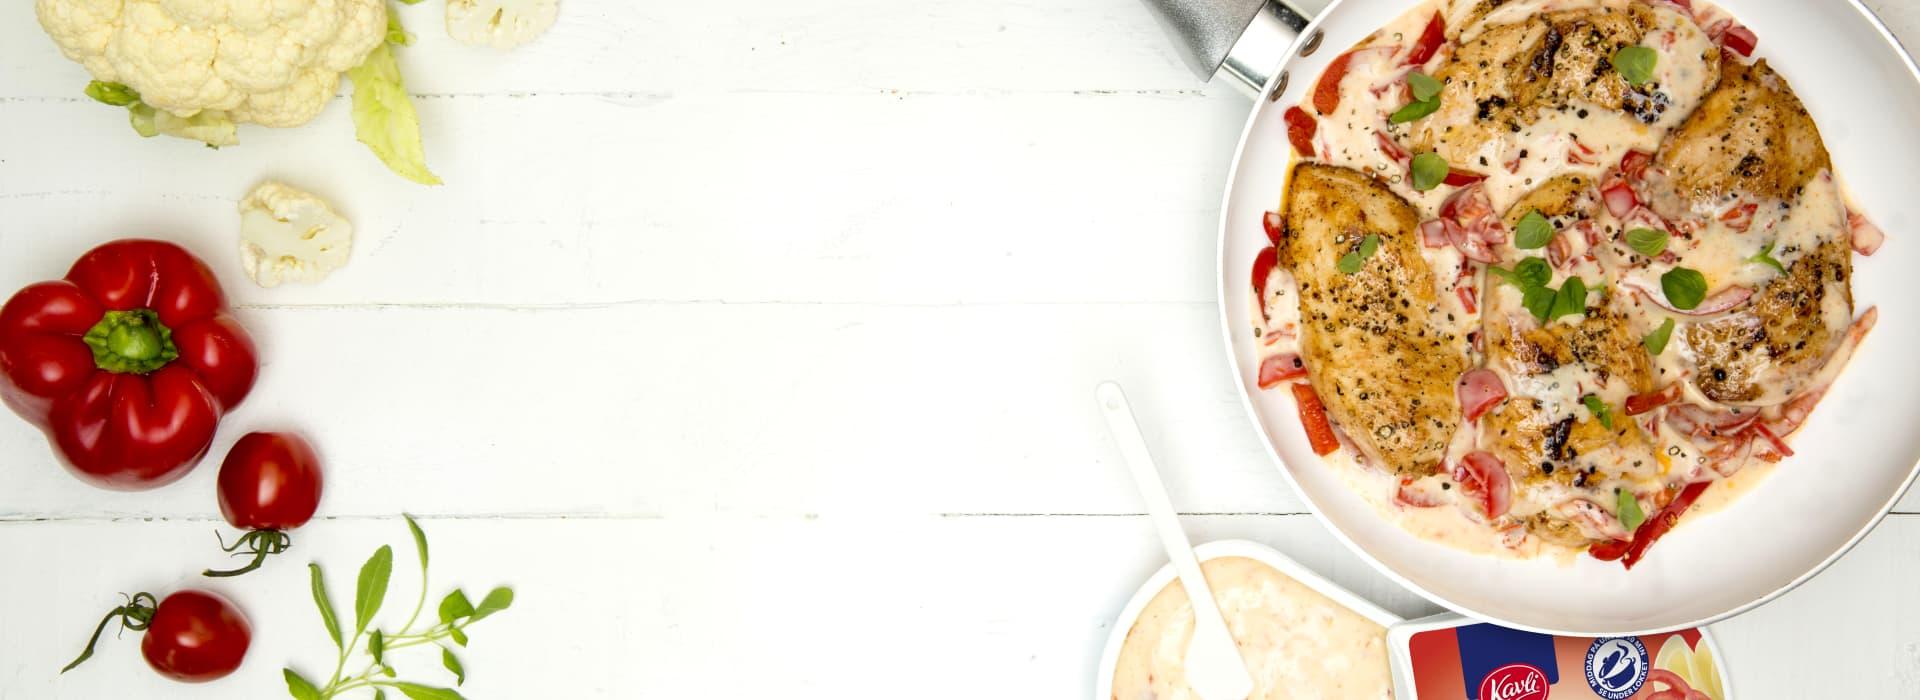 Middag på10 minutter med Kavli. Deilig kyllingfilet i en paprikaostesaus med blomkål. Serveres med ris.